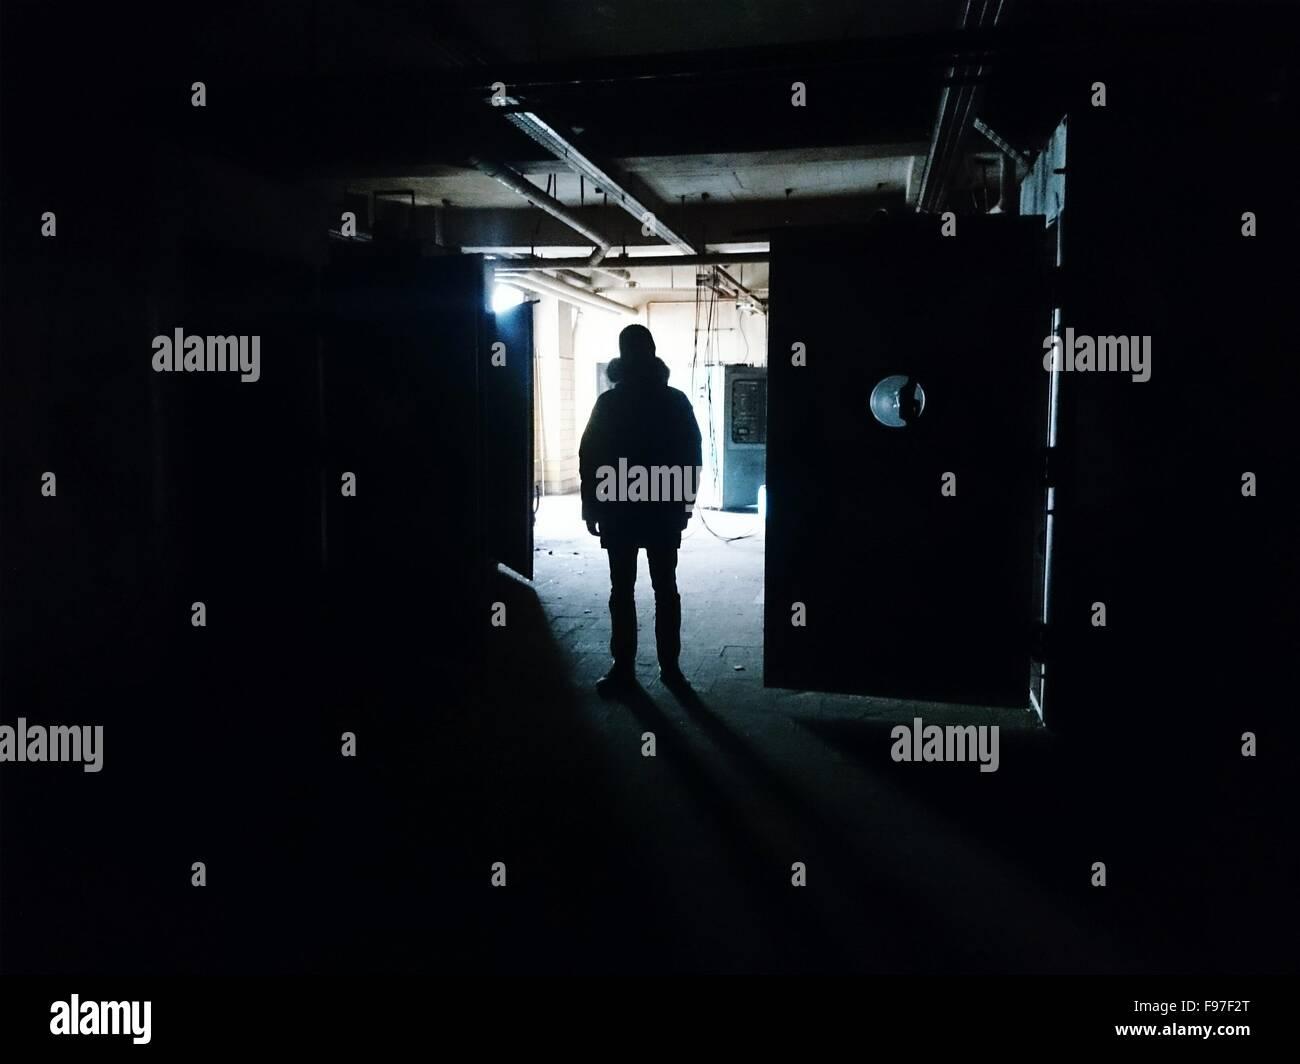 Silueta de hombre de pie en la oscuridad de la construcción Imagen De Stock